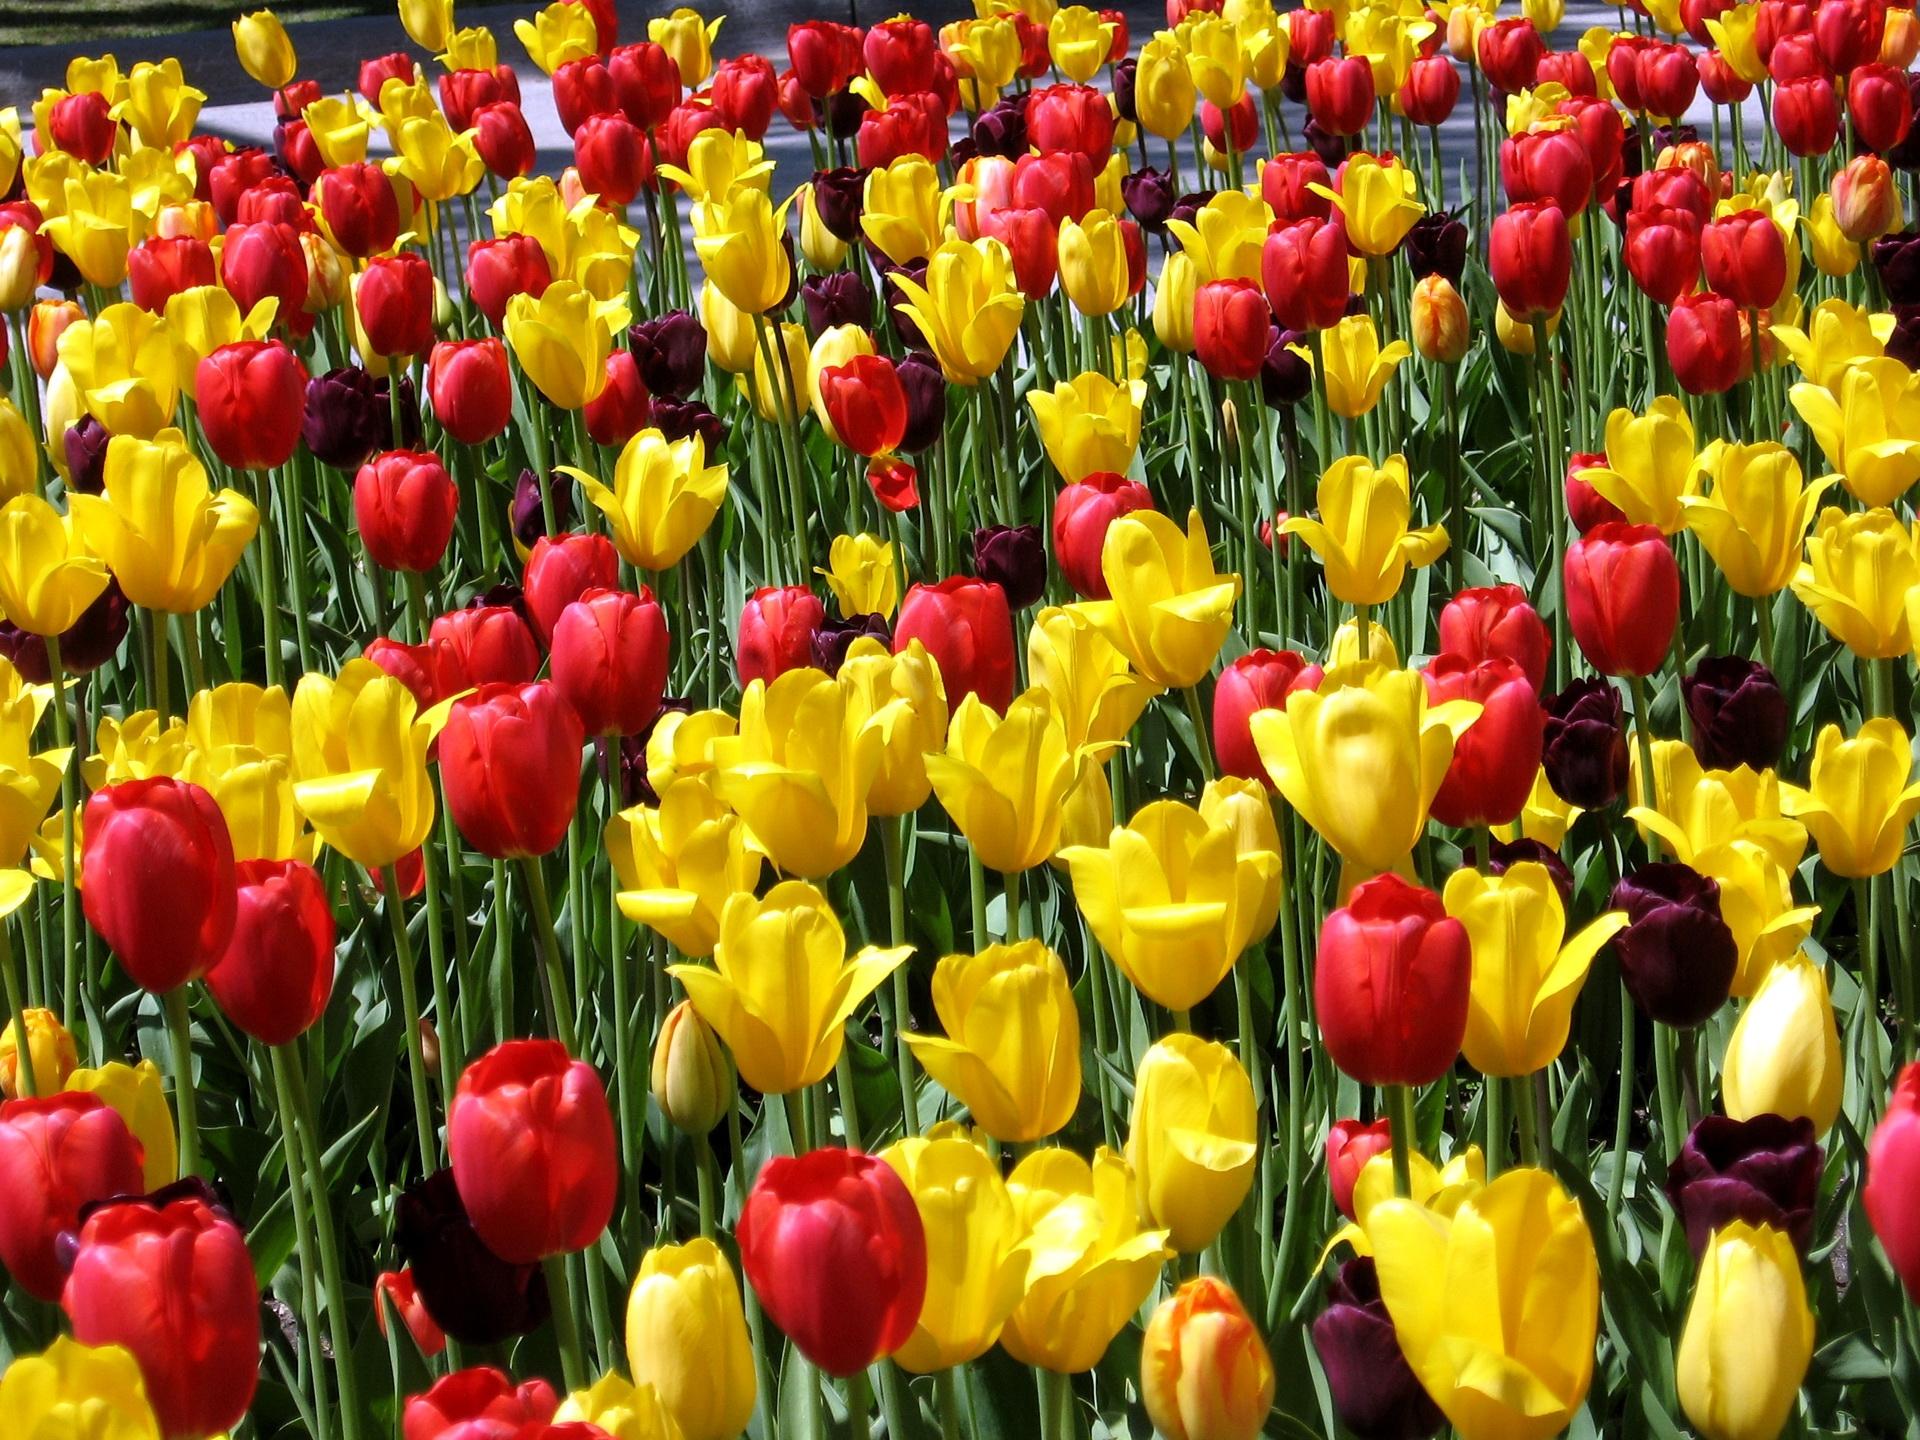 112914 скачать обои Цветы, Разные, Солнечно, Весна, Настроение, Тюльпаны - заставки и картинки бесплатно